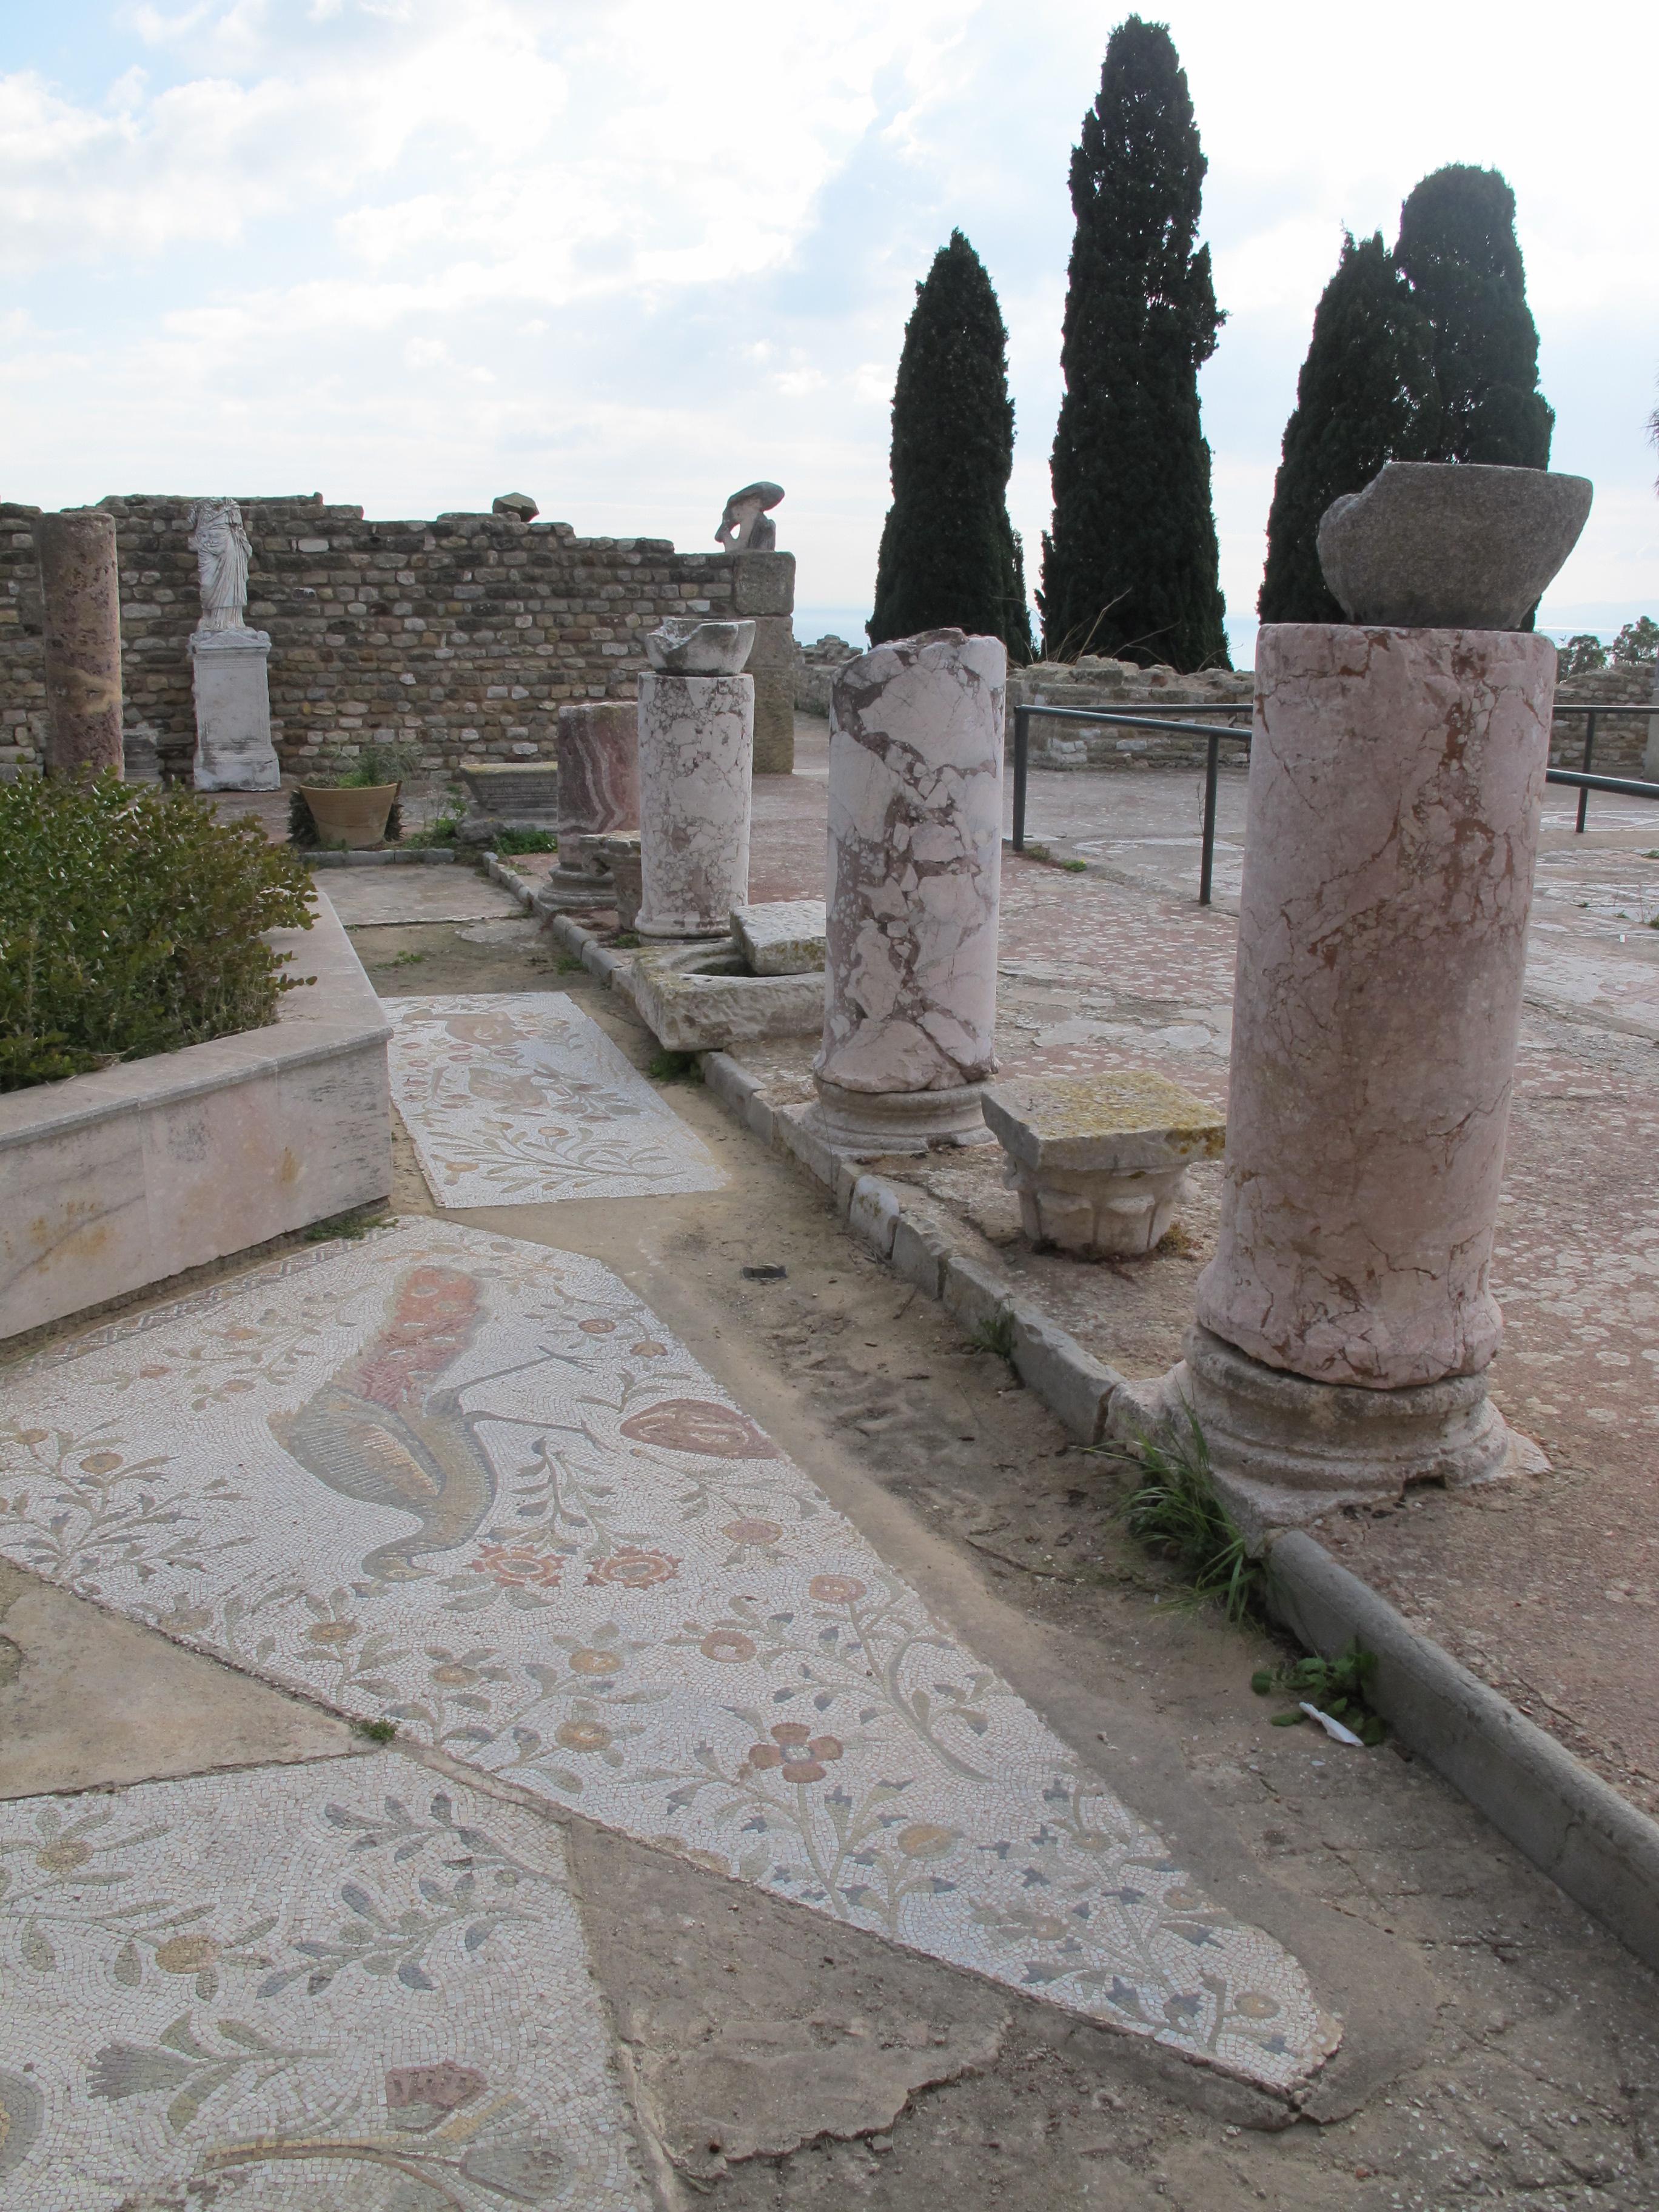 Mosaikausschnitt, Roman Villas in Karthago Tunesien Januar 2015 09.JPG